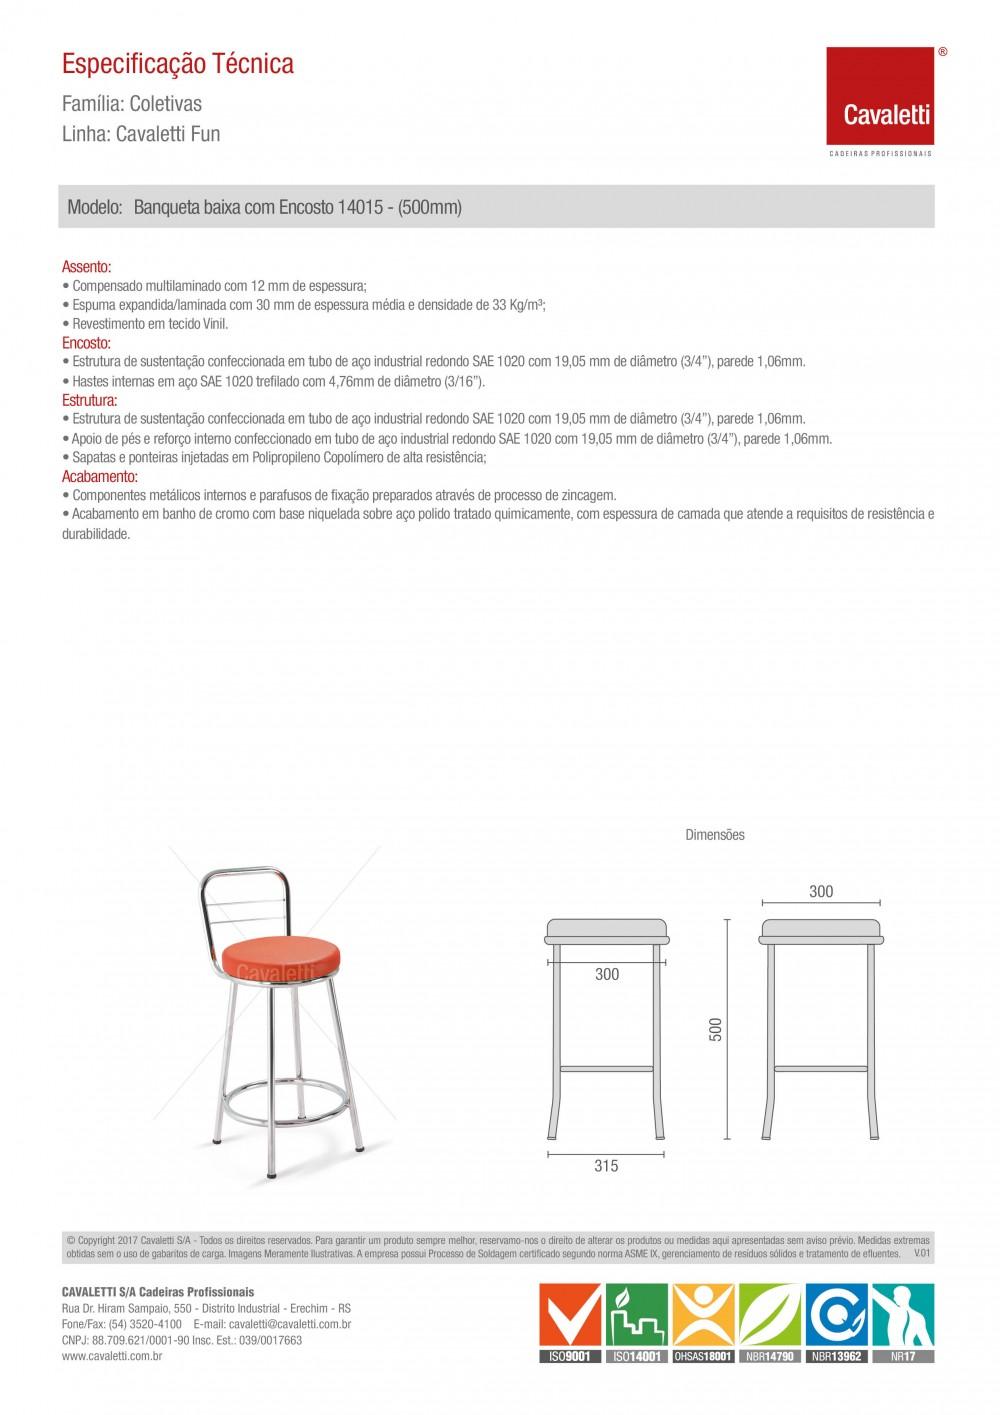 Banqueta / Banco - com encosto 14015 - 500mm Altura - Baixo - Linha Fun - Cavaletti -